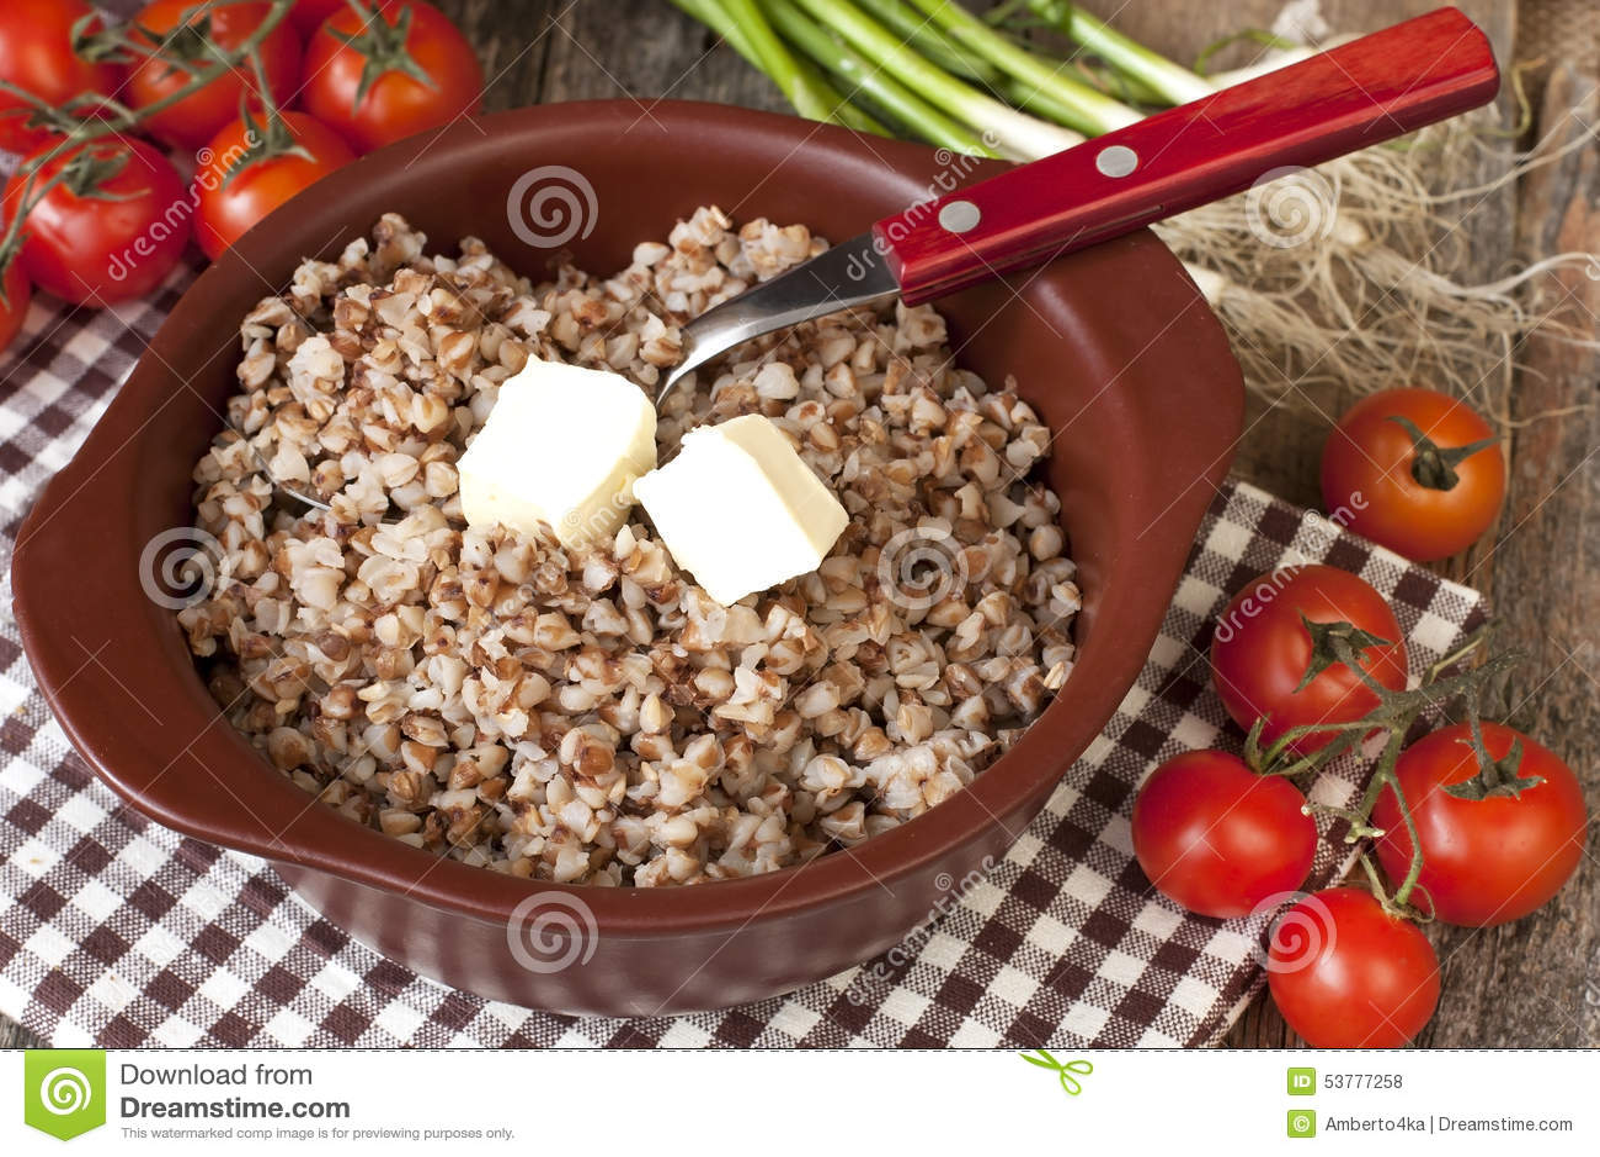 Gryczana owsianka z masłem - zdrowy łasowanie